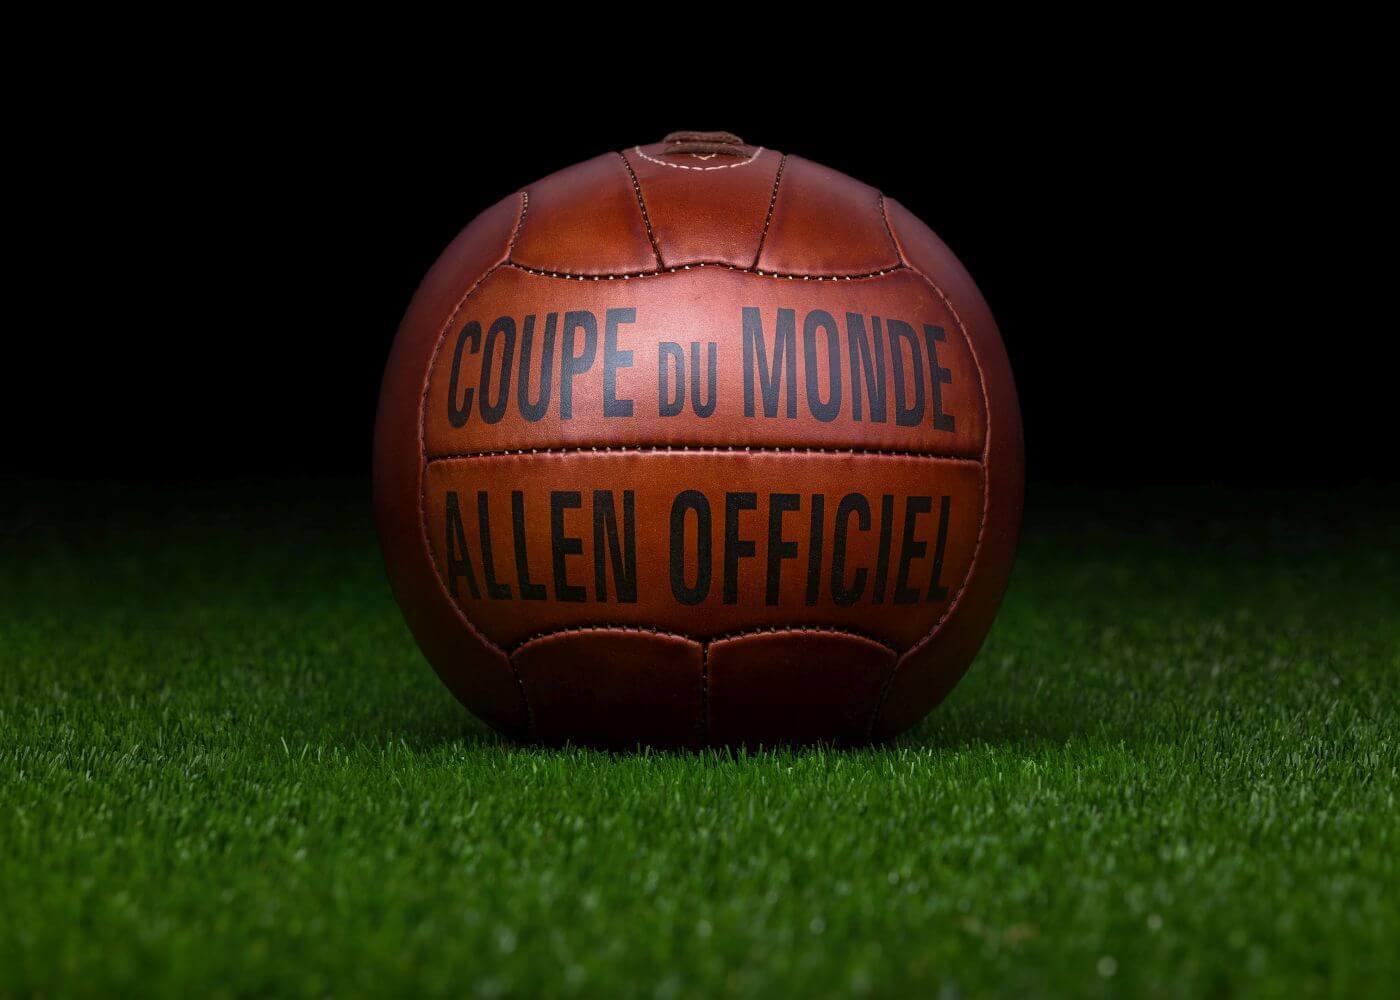 El balón oficial de la Copa del Mundo FIFA 1938 en Francia  Allen